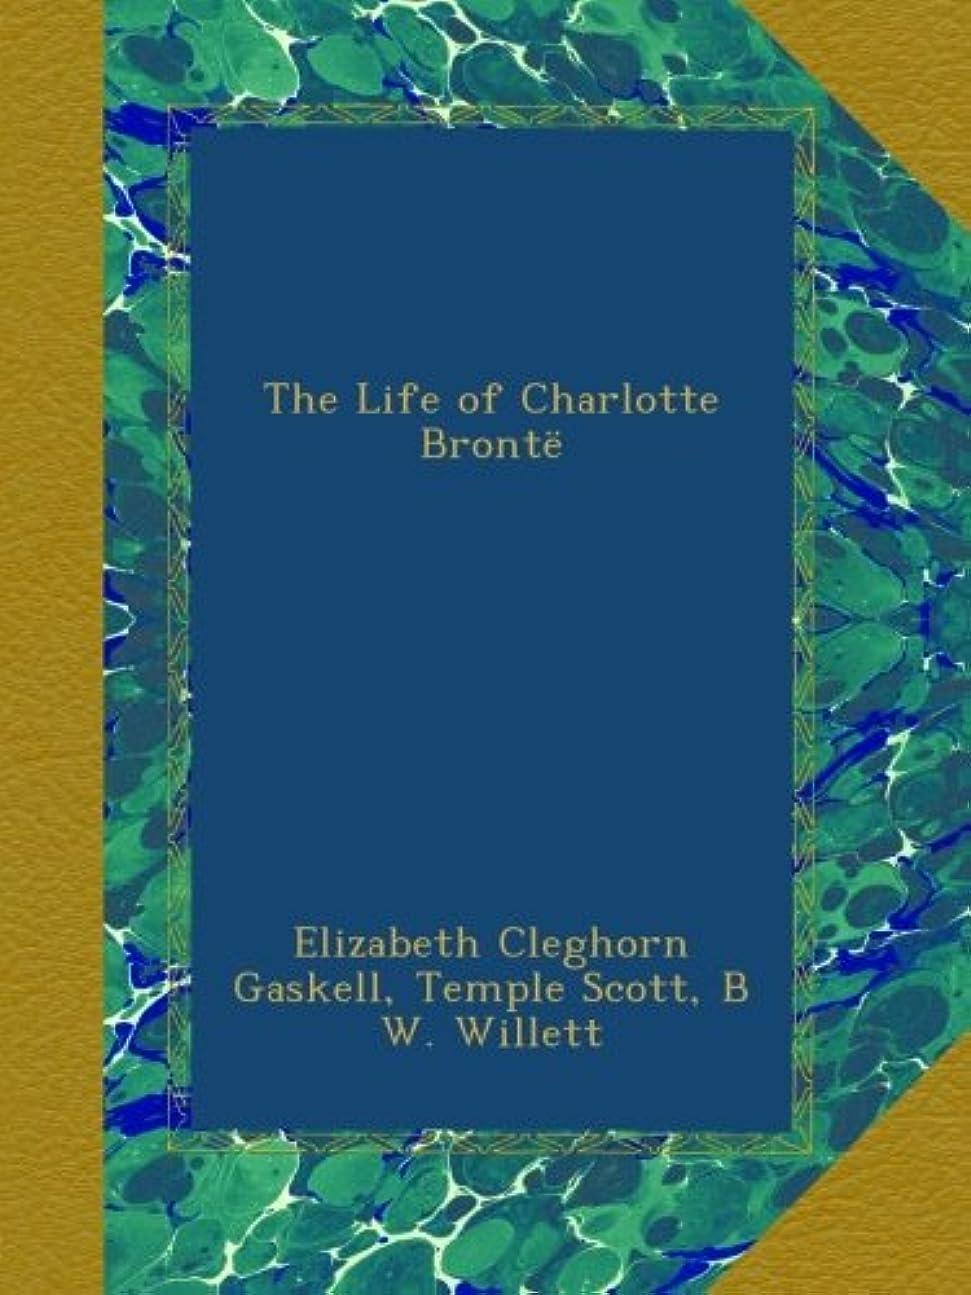 険しい管理しますThe Life of Charlotte Bront?